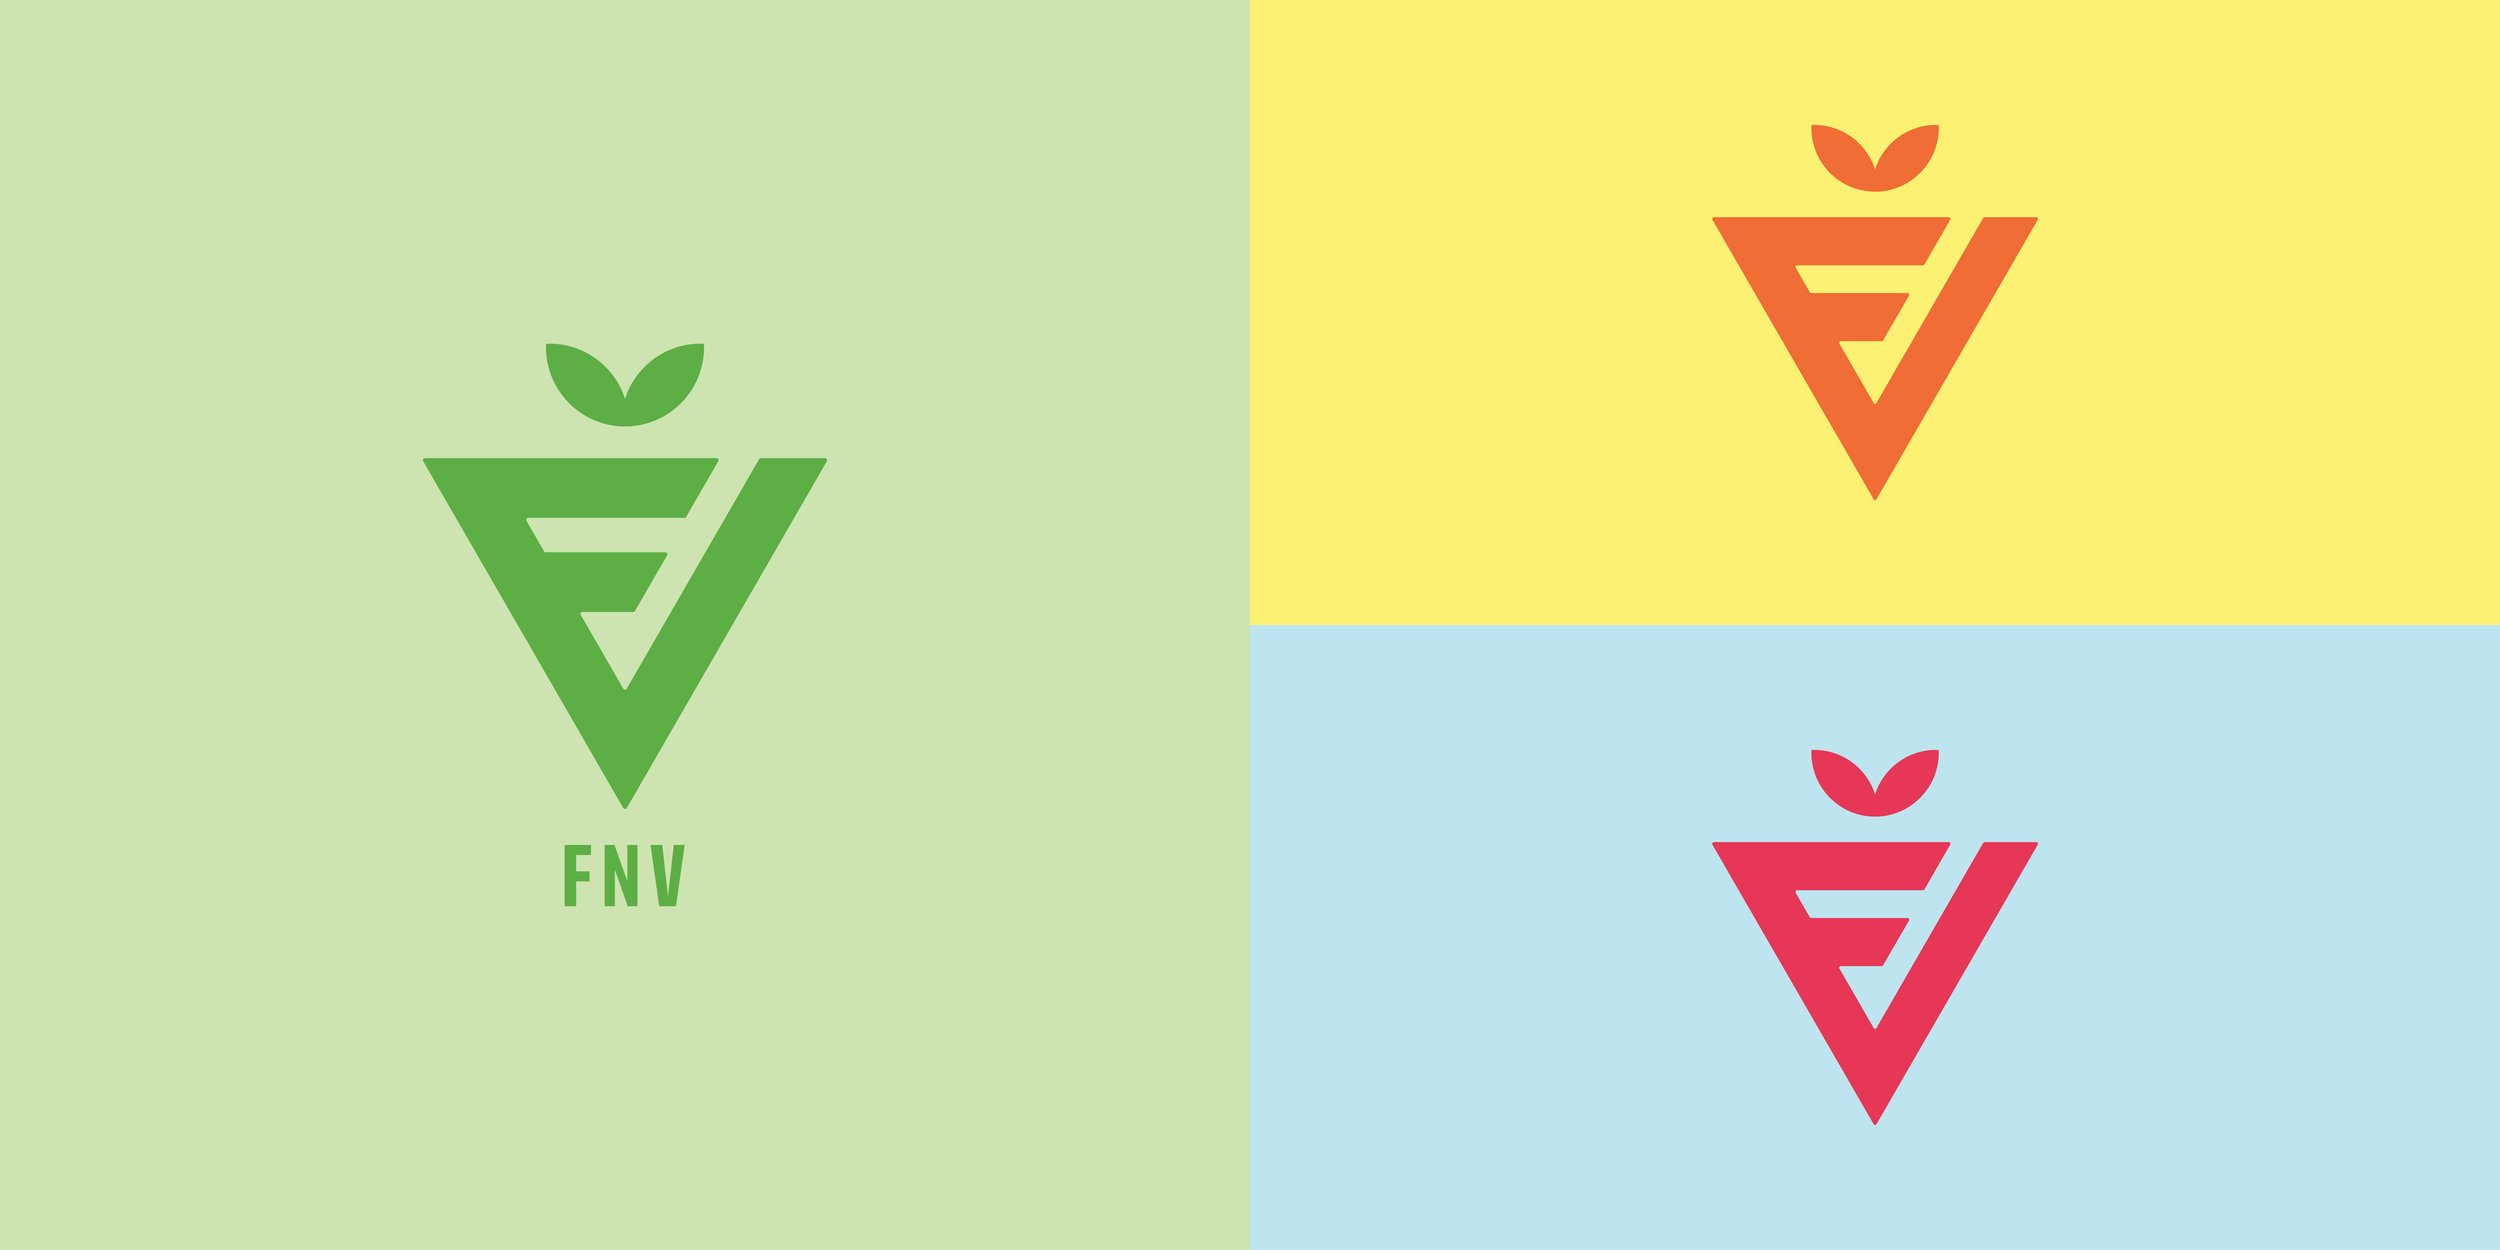 Logos_Tiles_New4.jpg